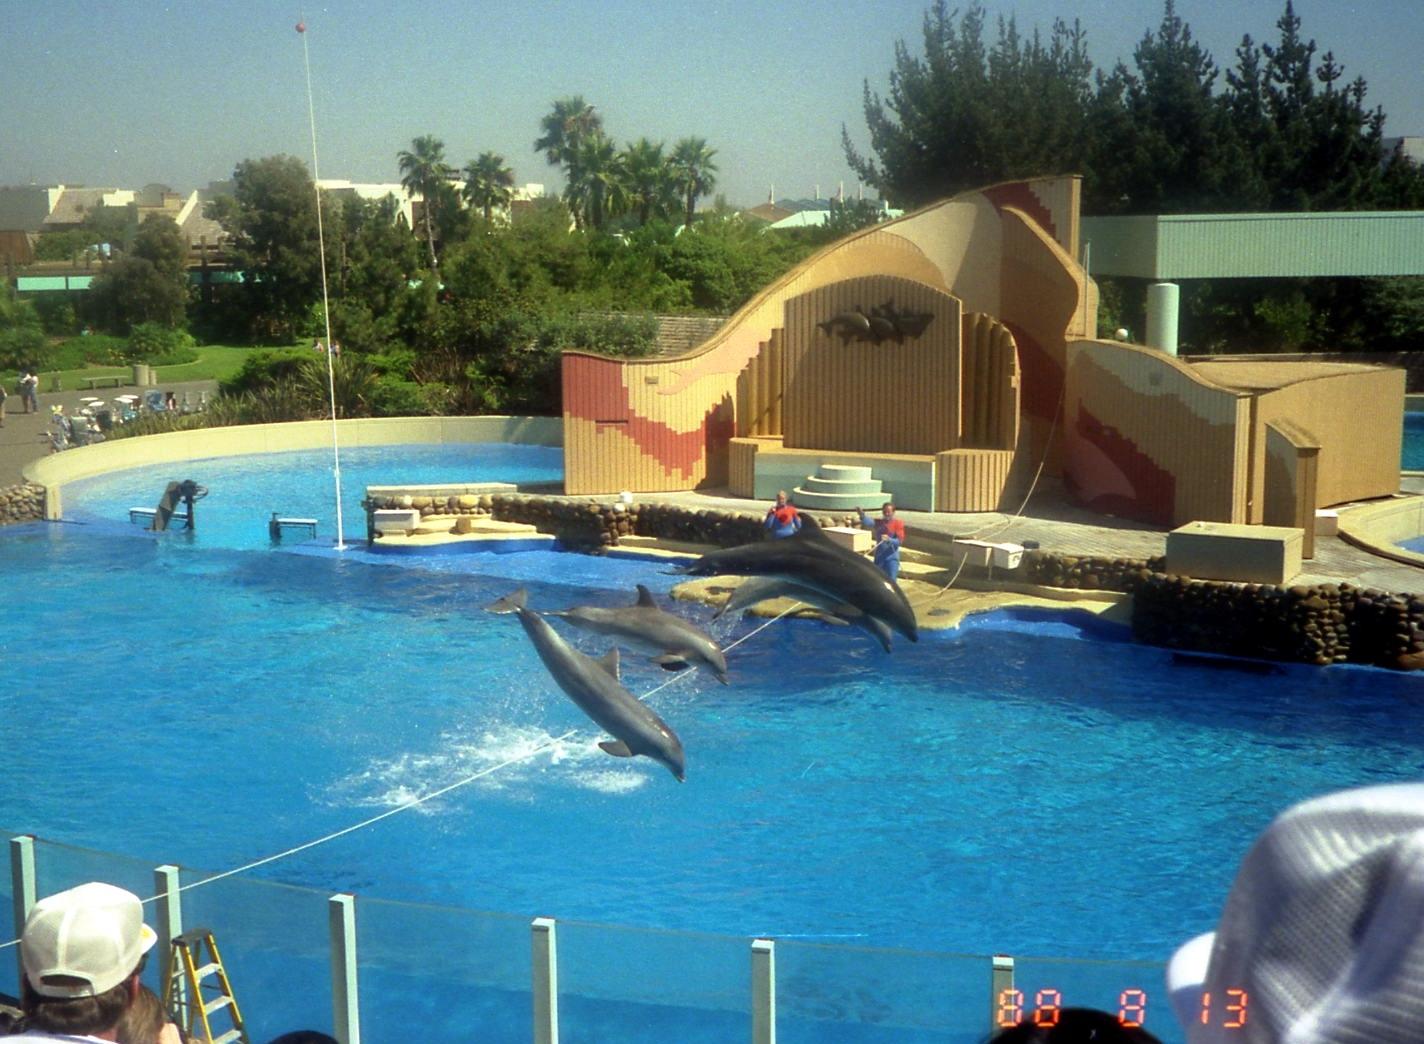 عرض 22 الدلافين في عالم البحار سان دييغو، كاليفورنيا